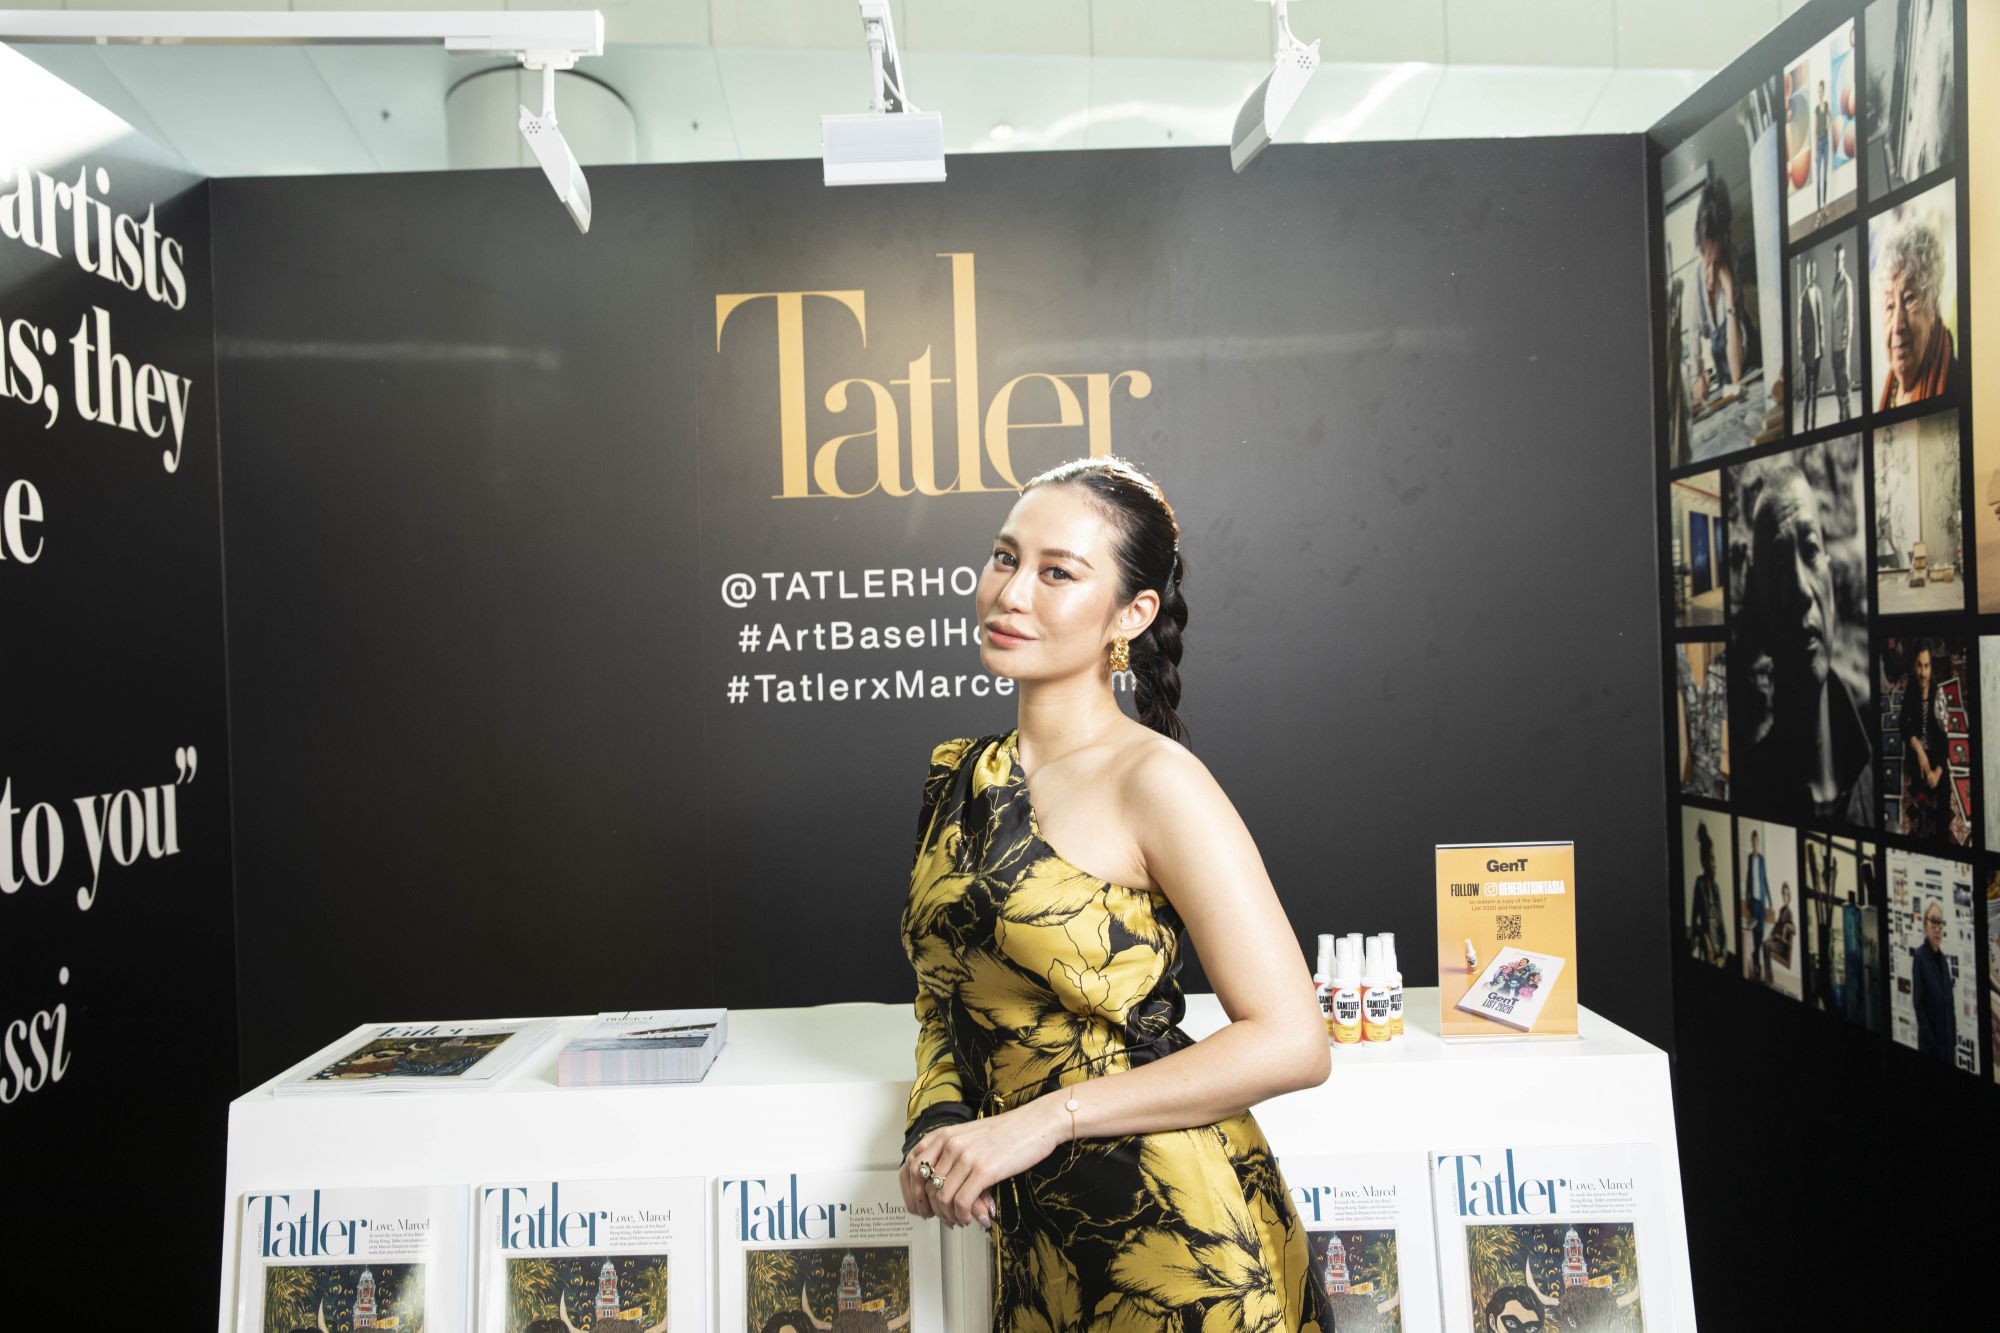 Eleanor Lam poses at the Tatler booth at Art Basel Hong Kong 2021